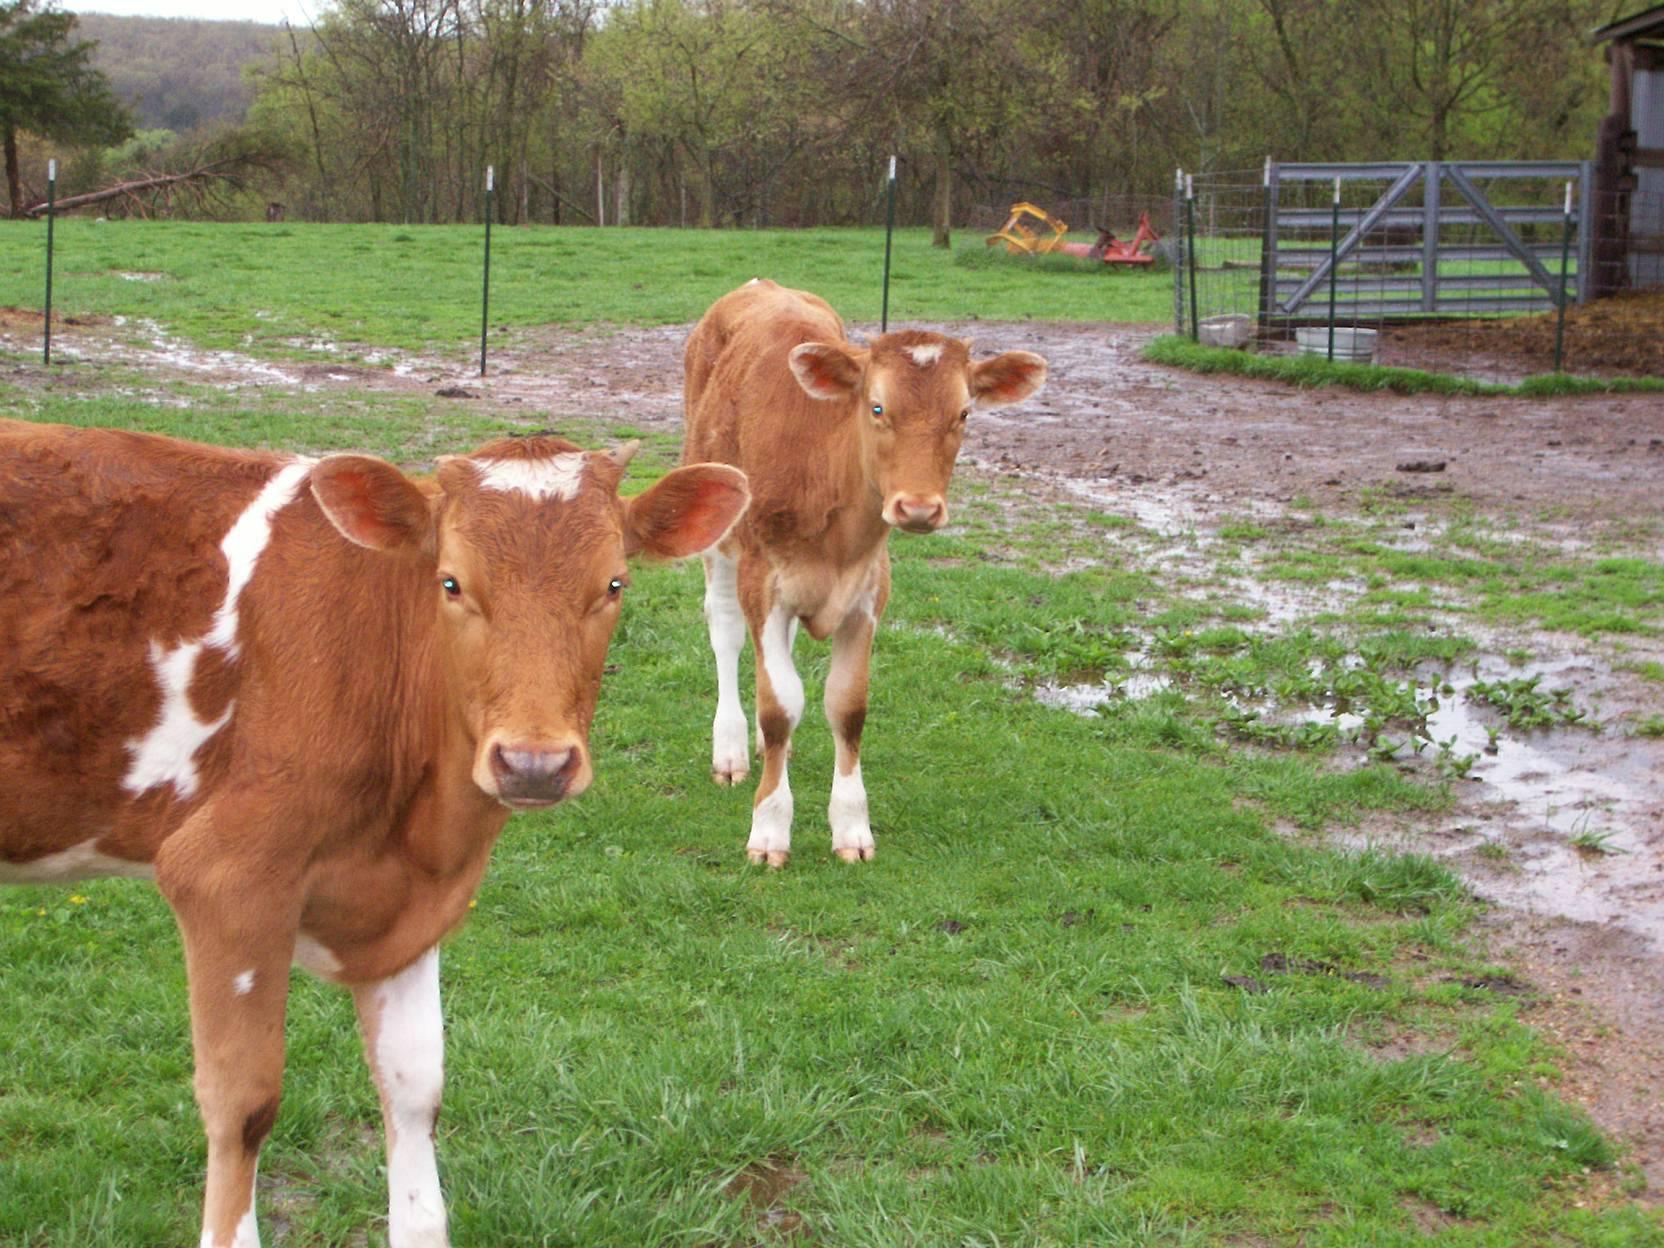 Guernsey Calves